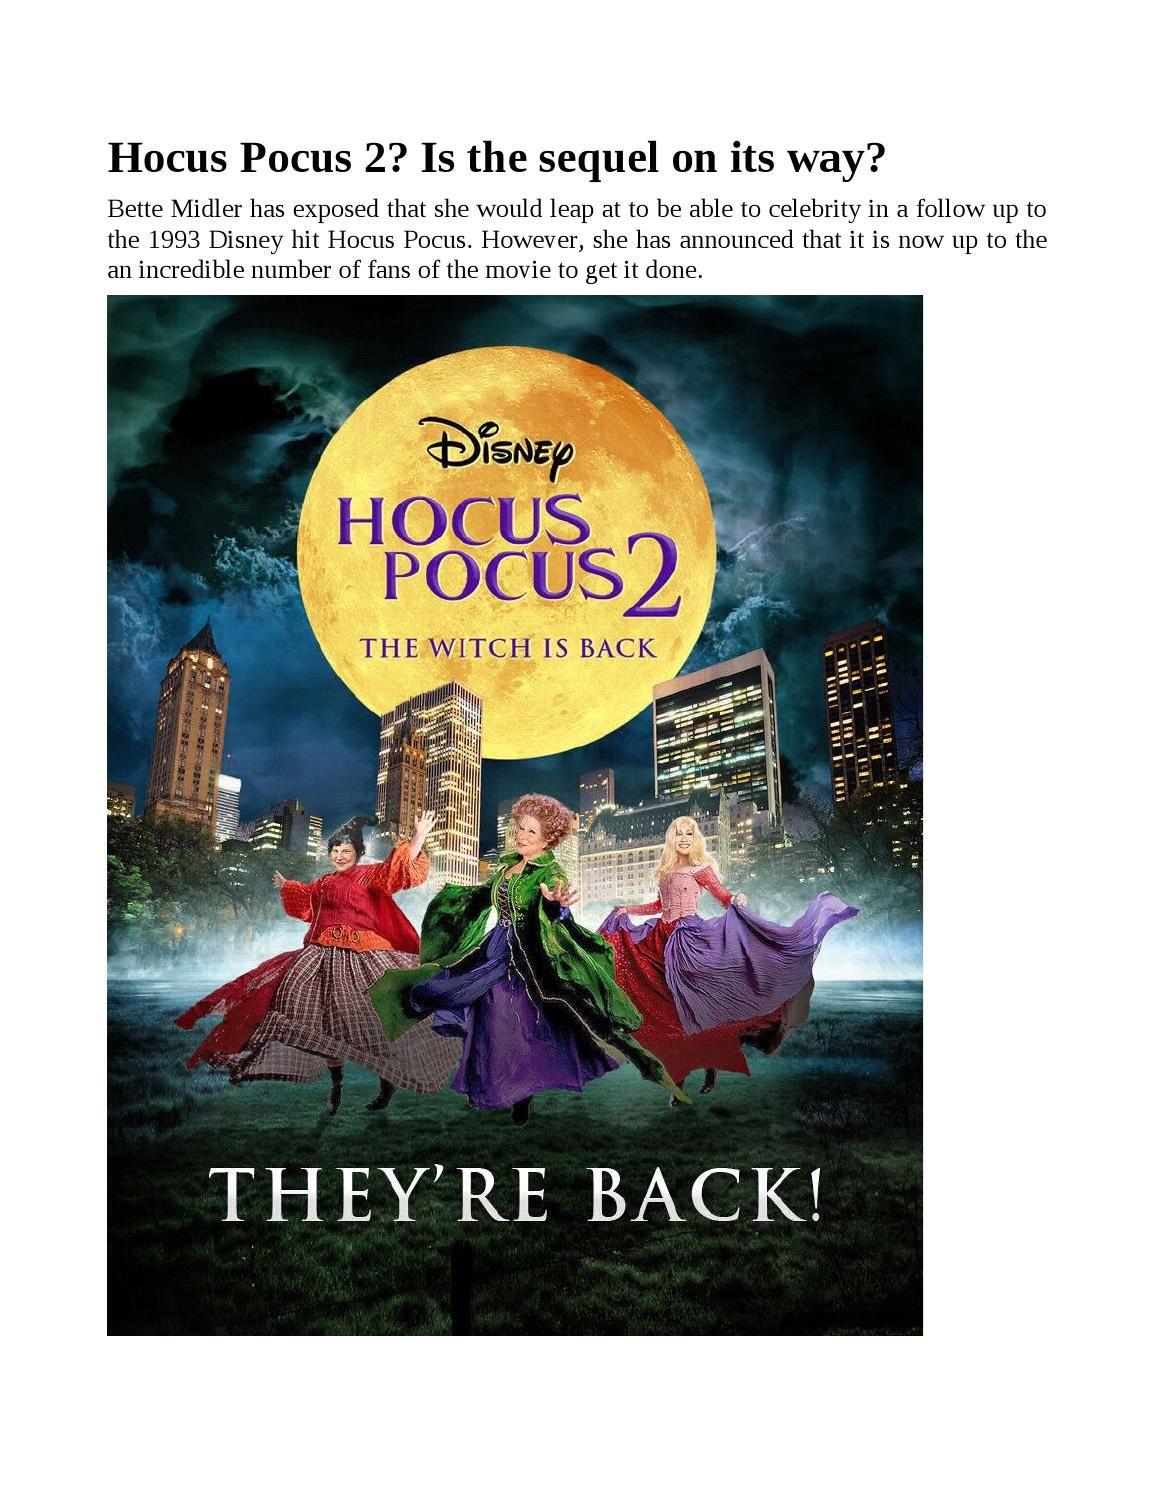 Hocus Pocus 2 Is The Sequel On Its Way Hocus Pocus 2 Hocus Pocus The Incredibles